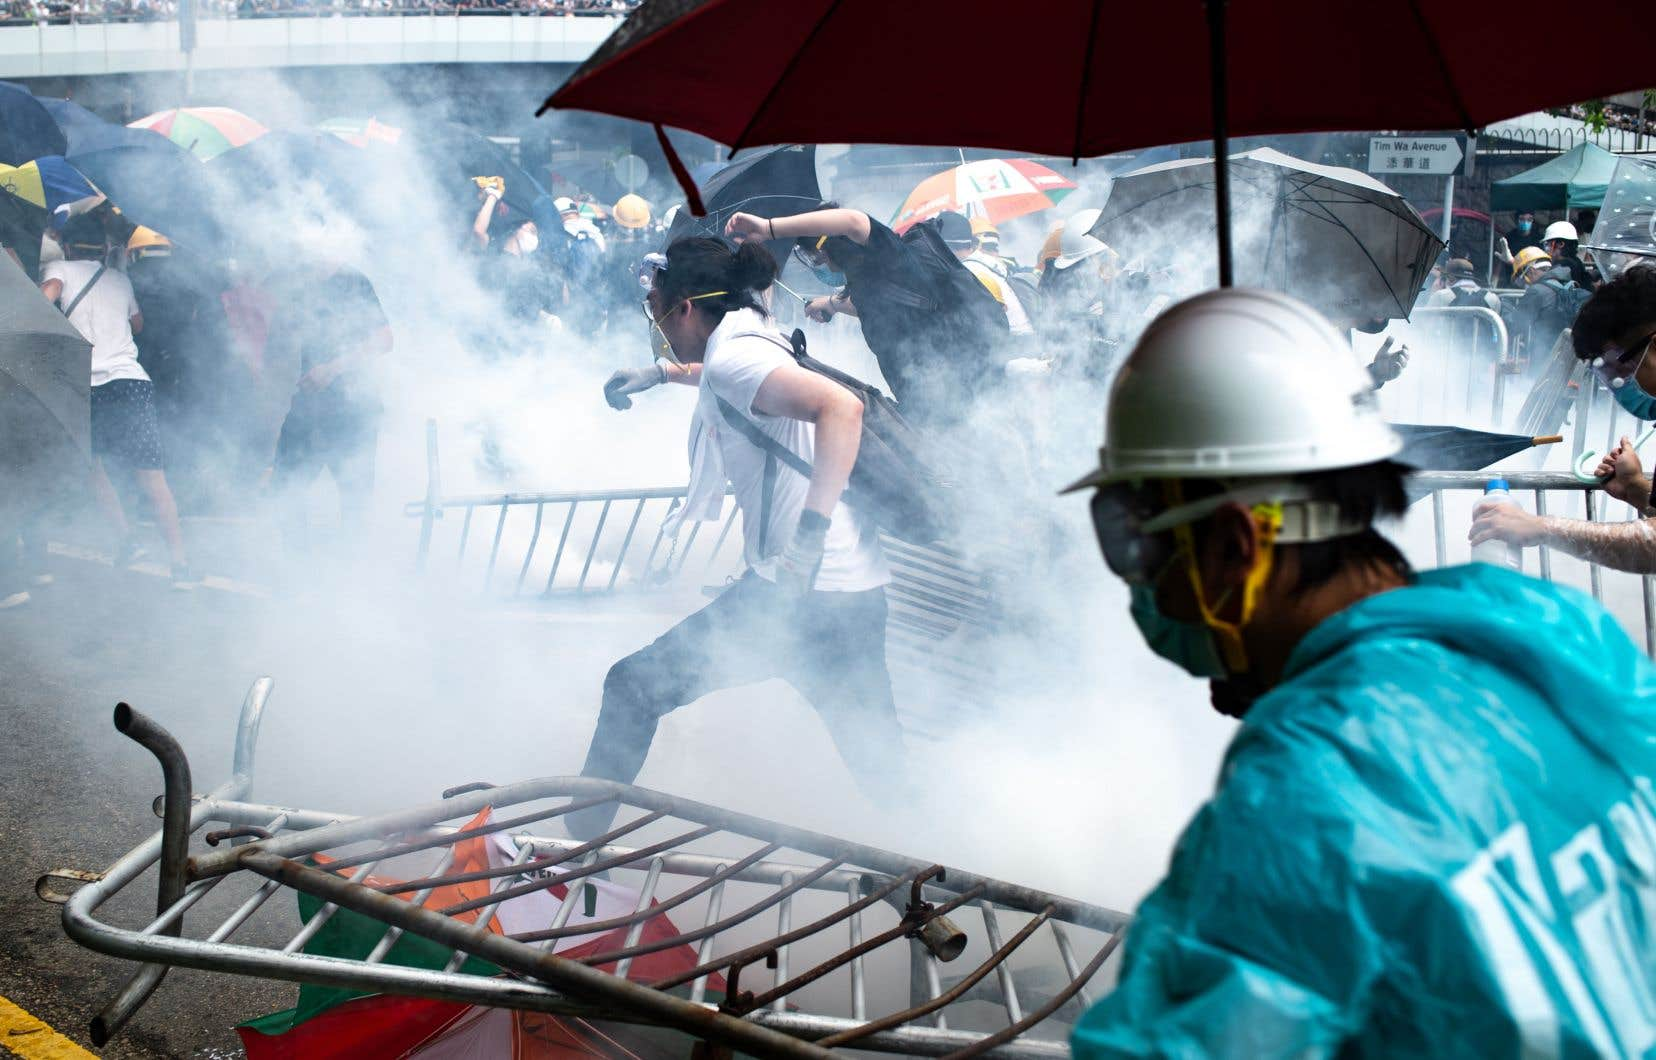 Mercredi, les policiers ont lancé des gaz lacrymogènes et ont tiré des balles de caoutchouc sur la foule de manifestants.